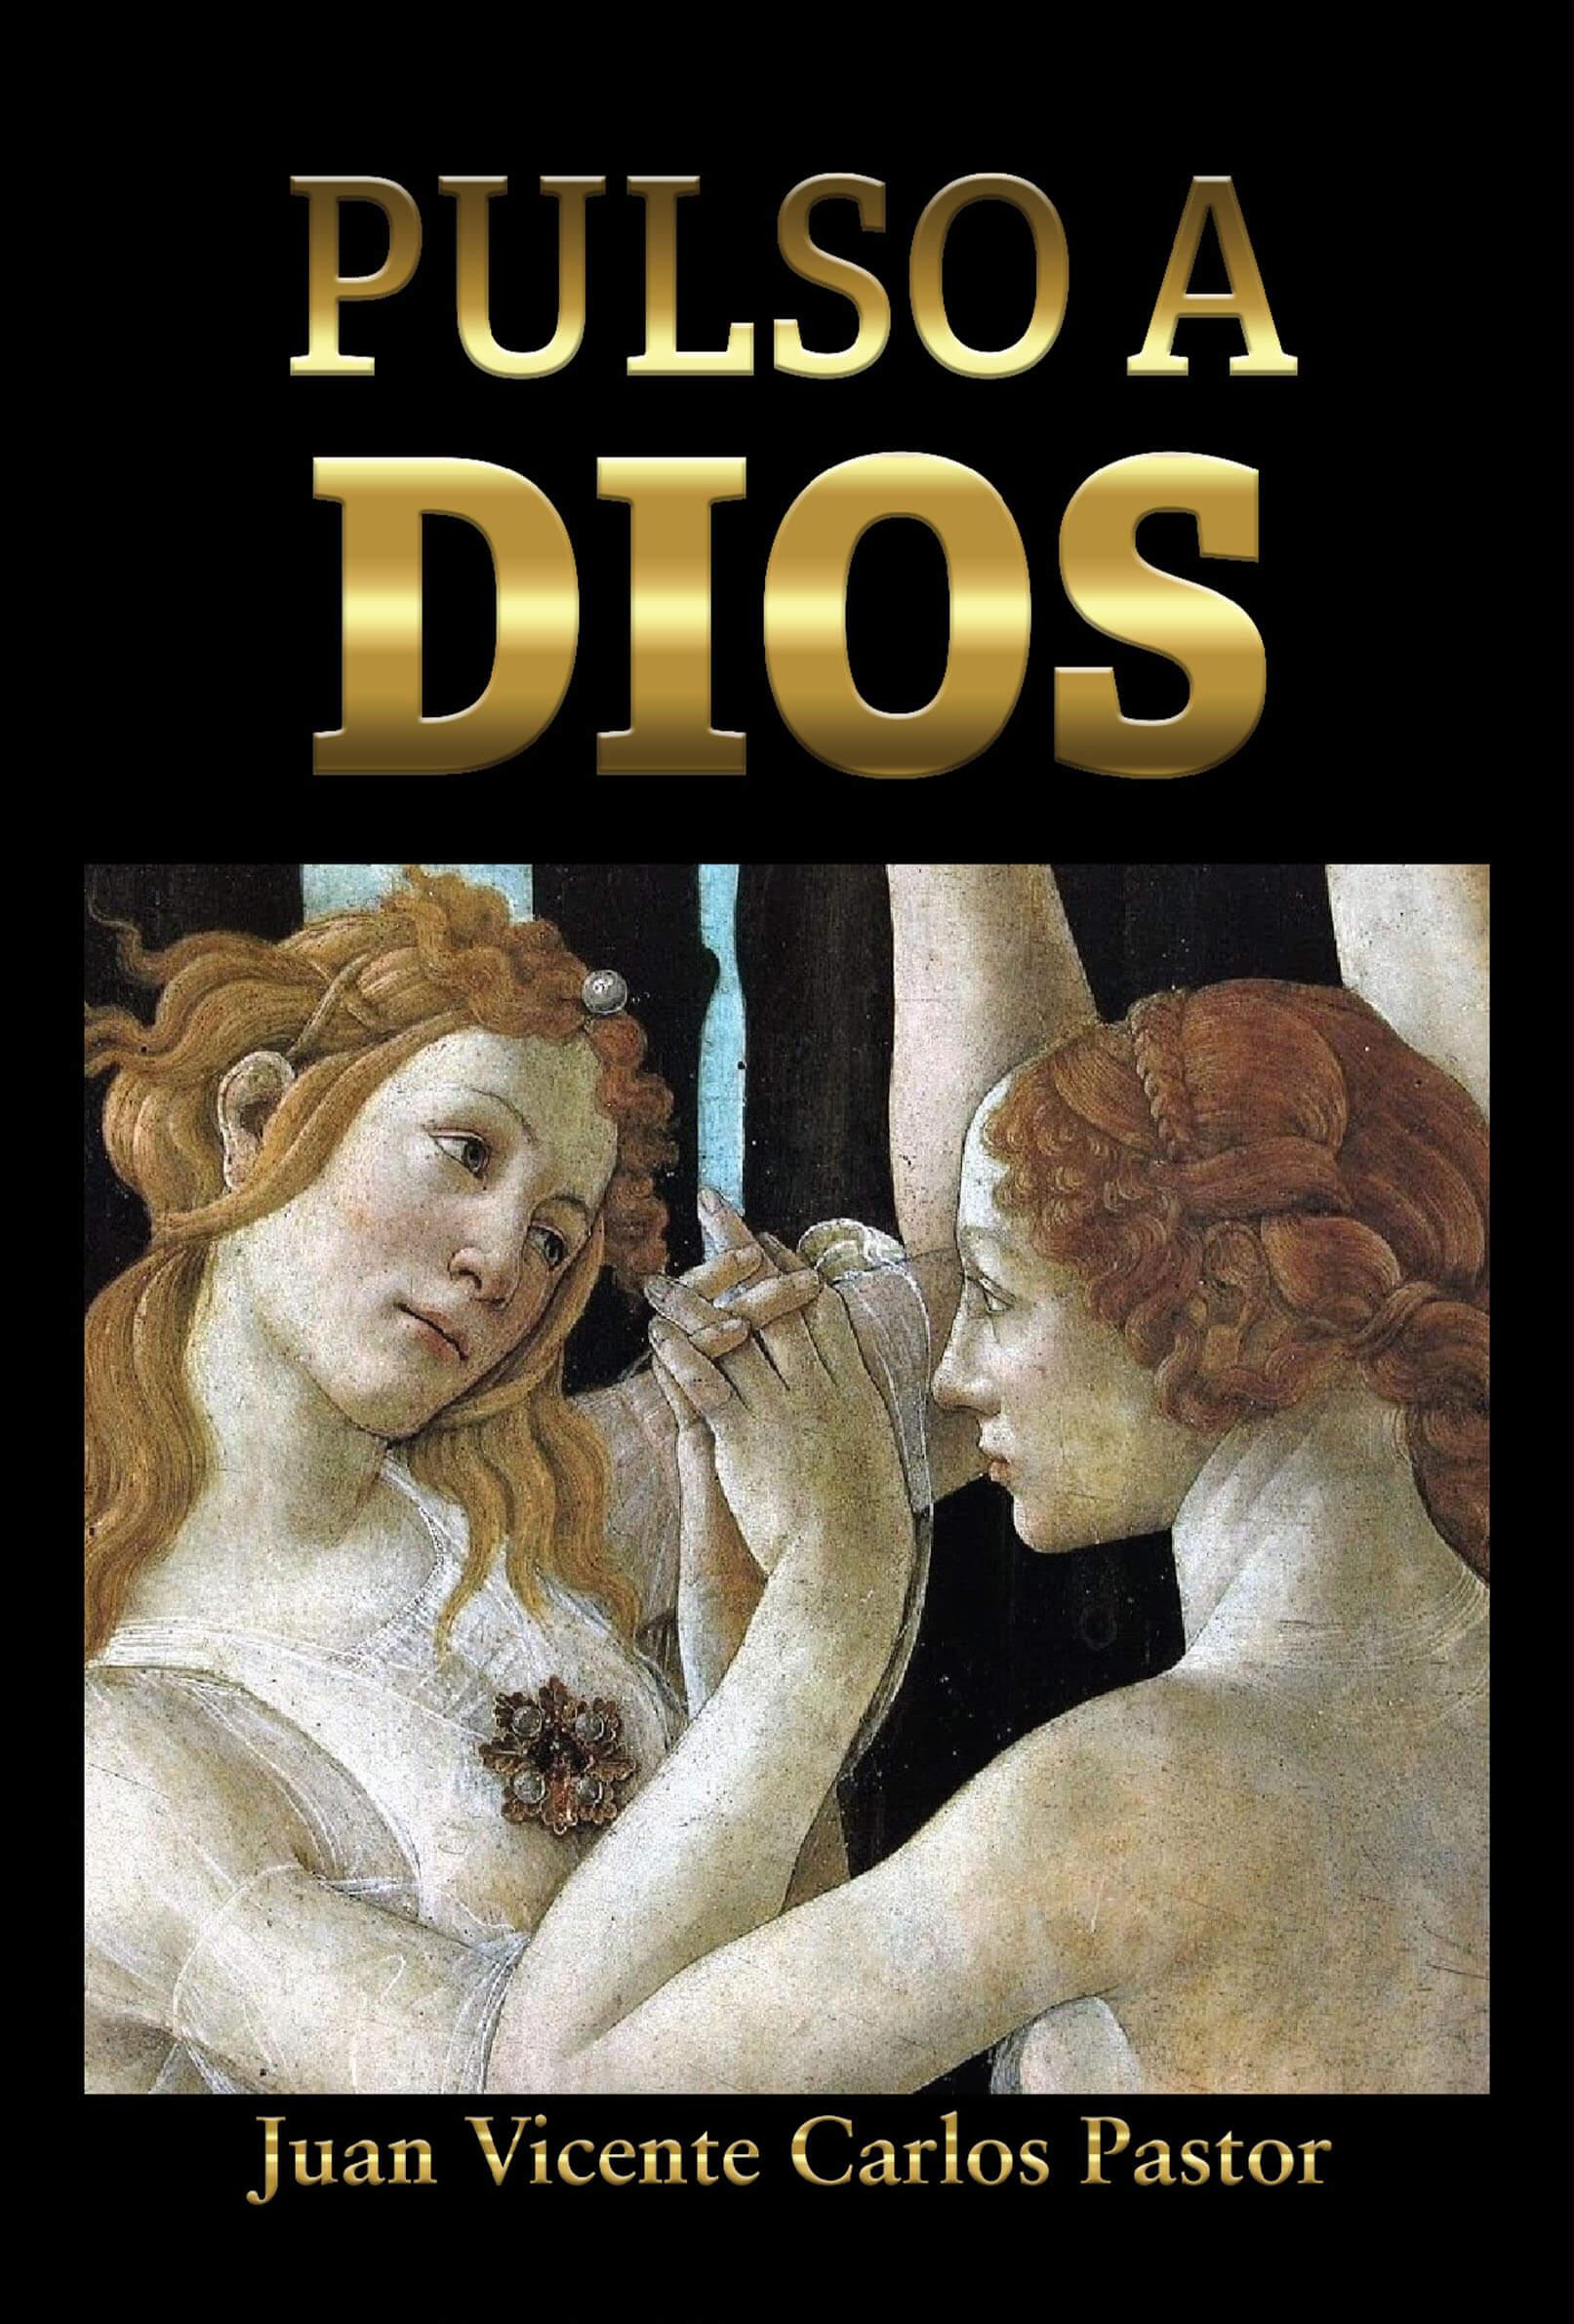 Pulso a Dios, de Juan Vicente Carlos Pastor